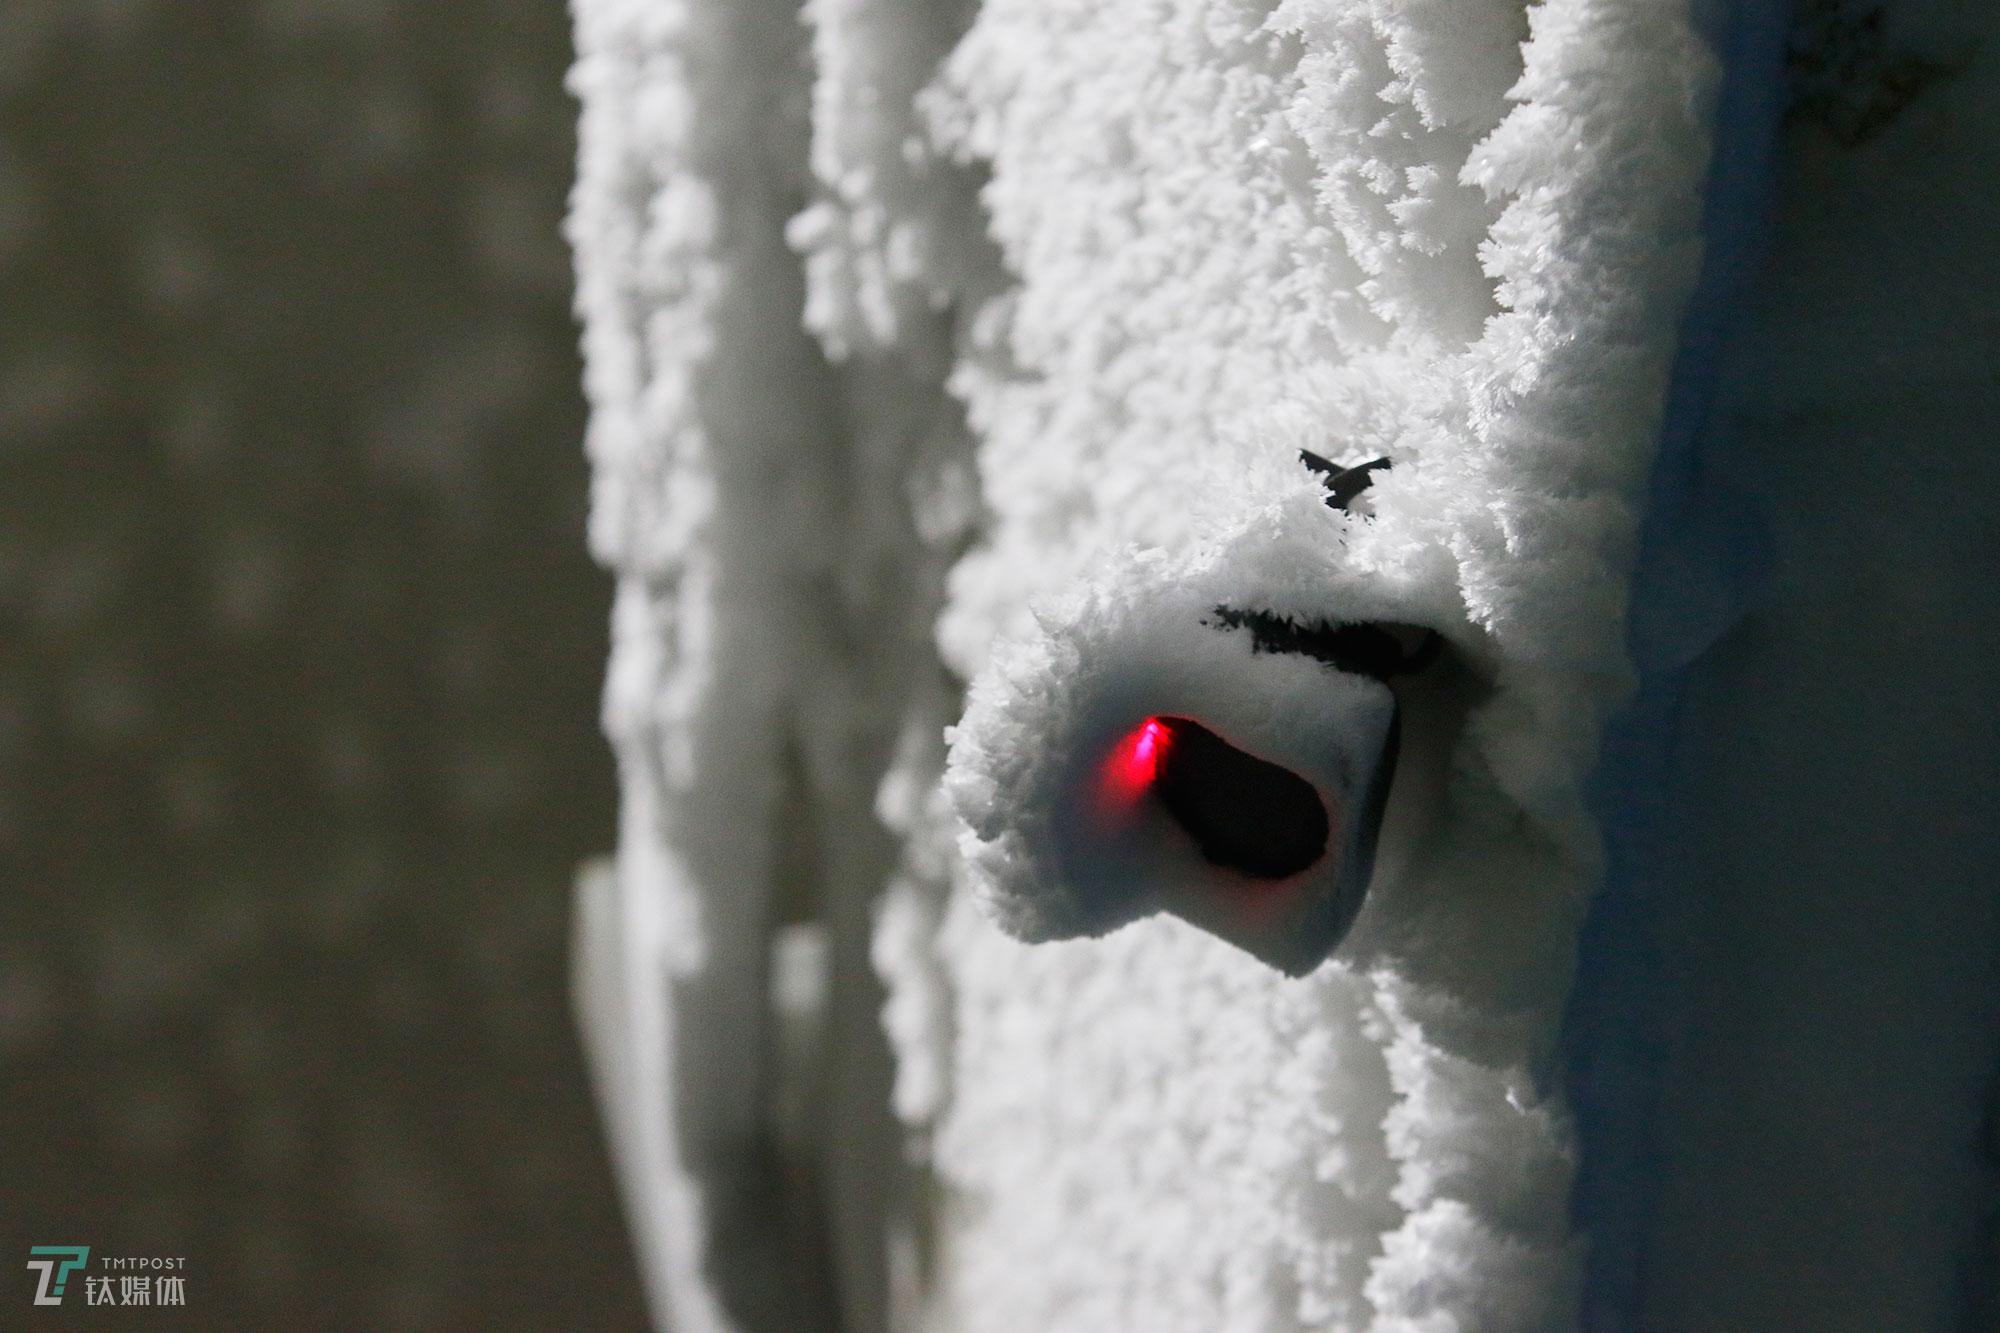 厚厚的冰雪覆盖了冷冻区大门的监控。